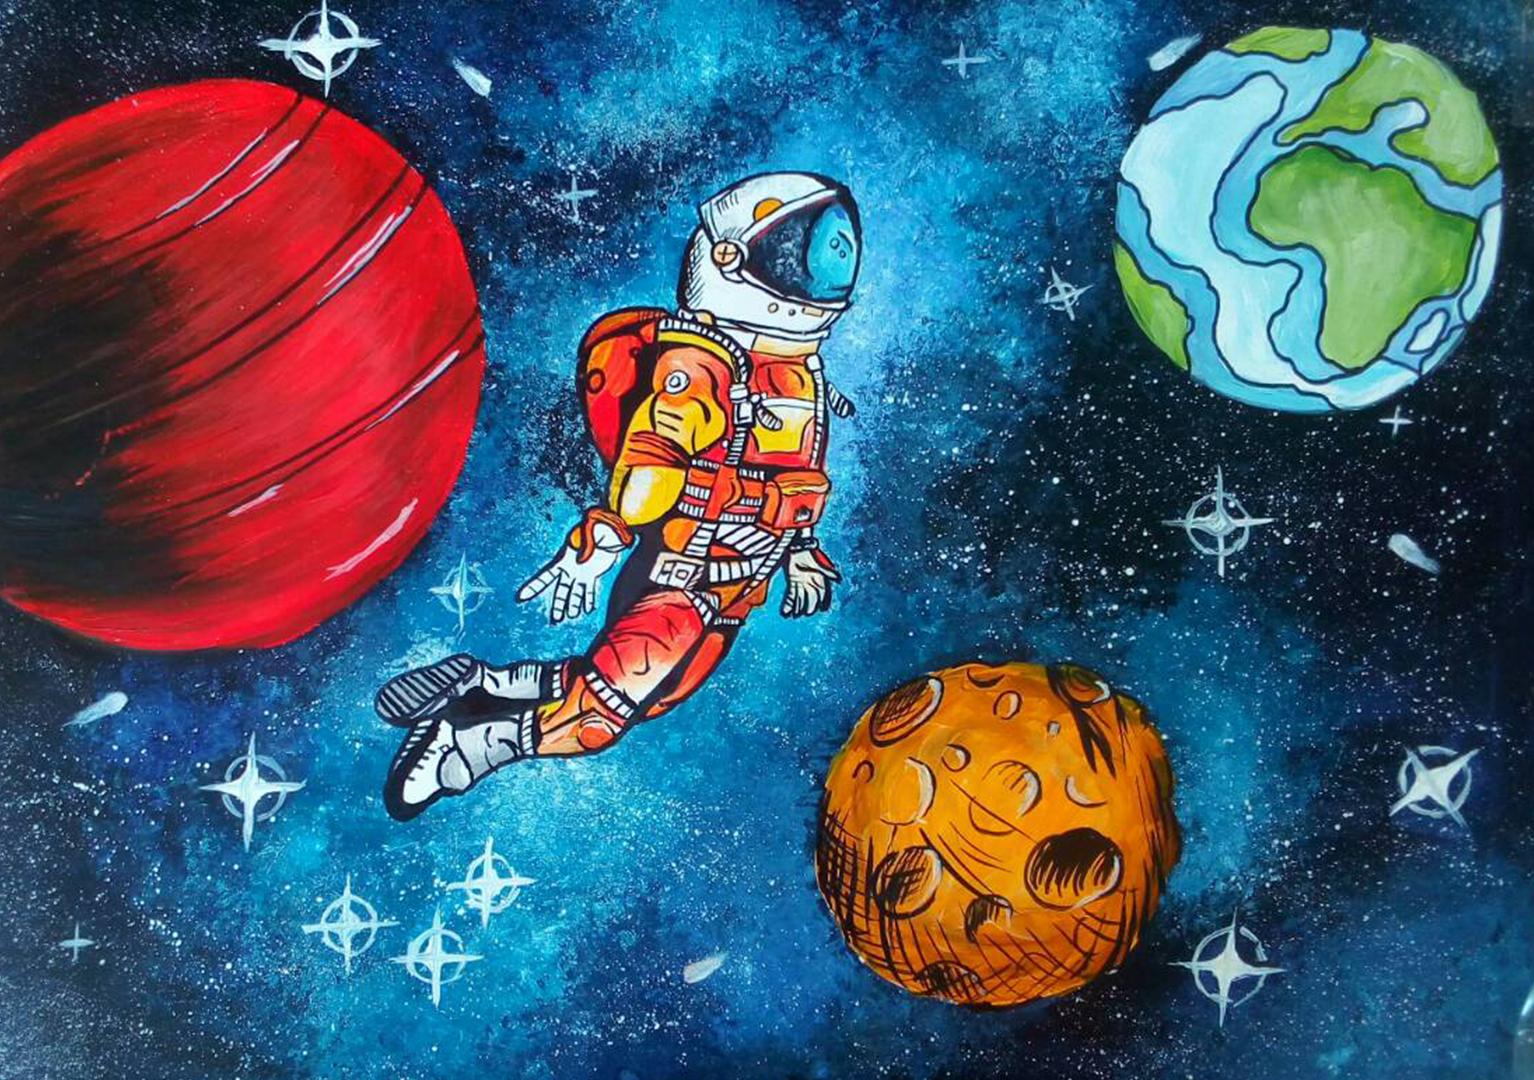 Картинки с космоса для детей, треугольников для